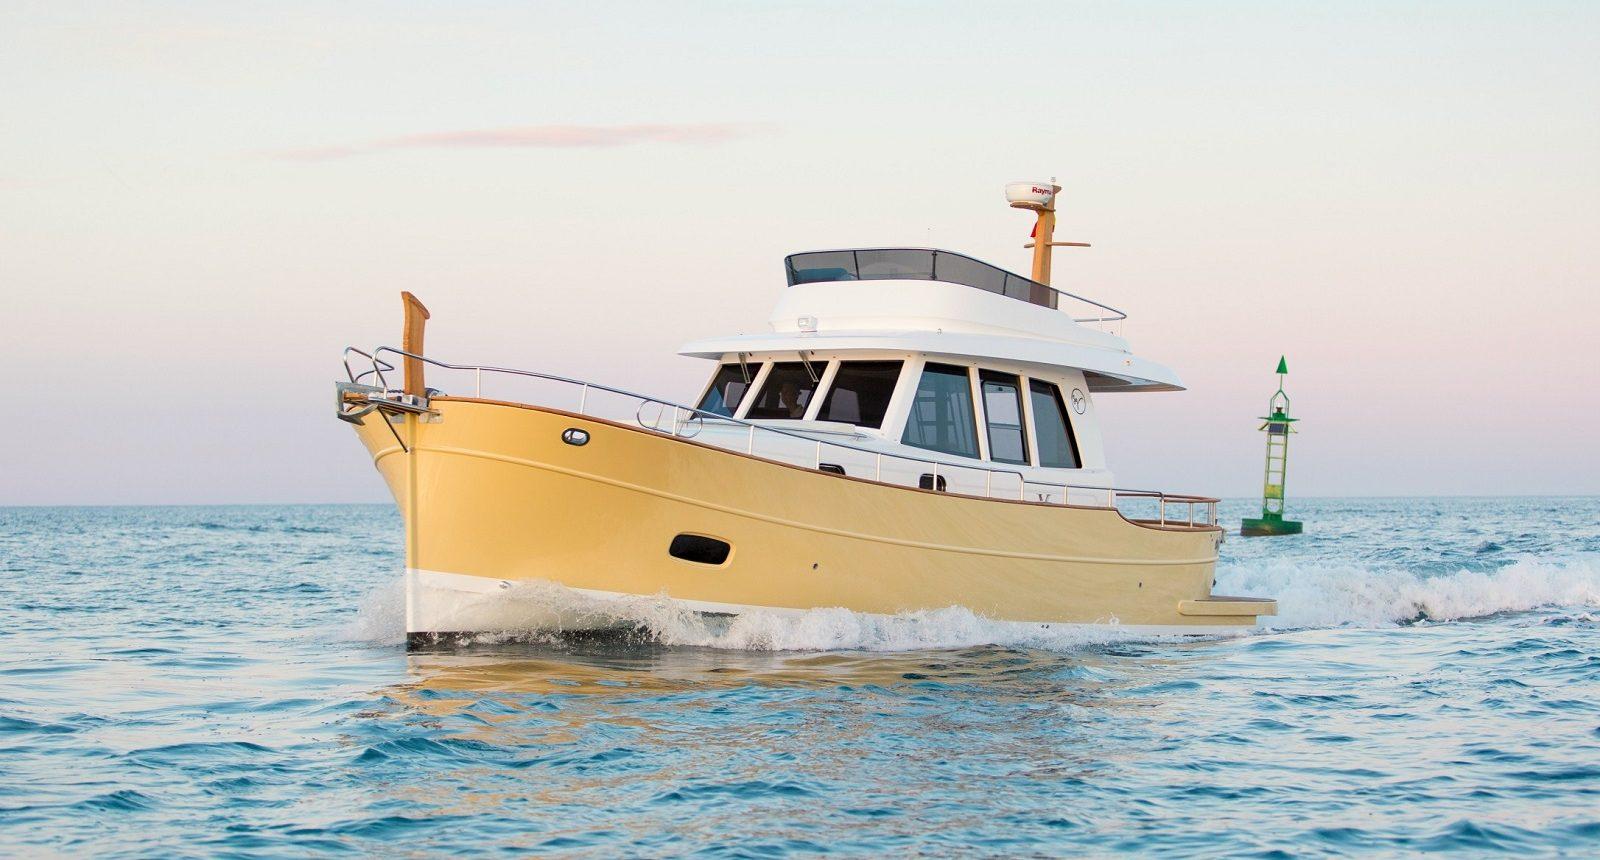 Minorca Islander 42 flybridge yacht for sale